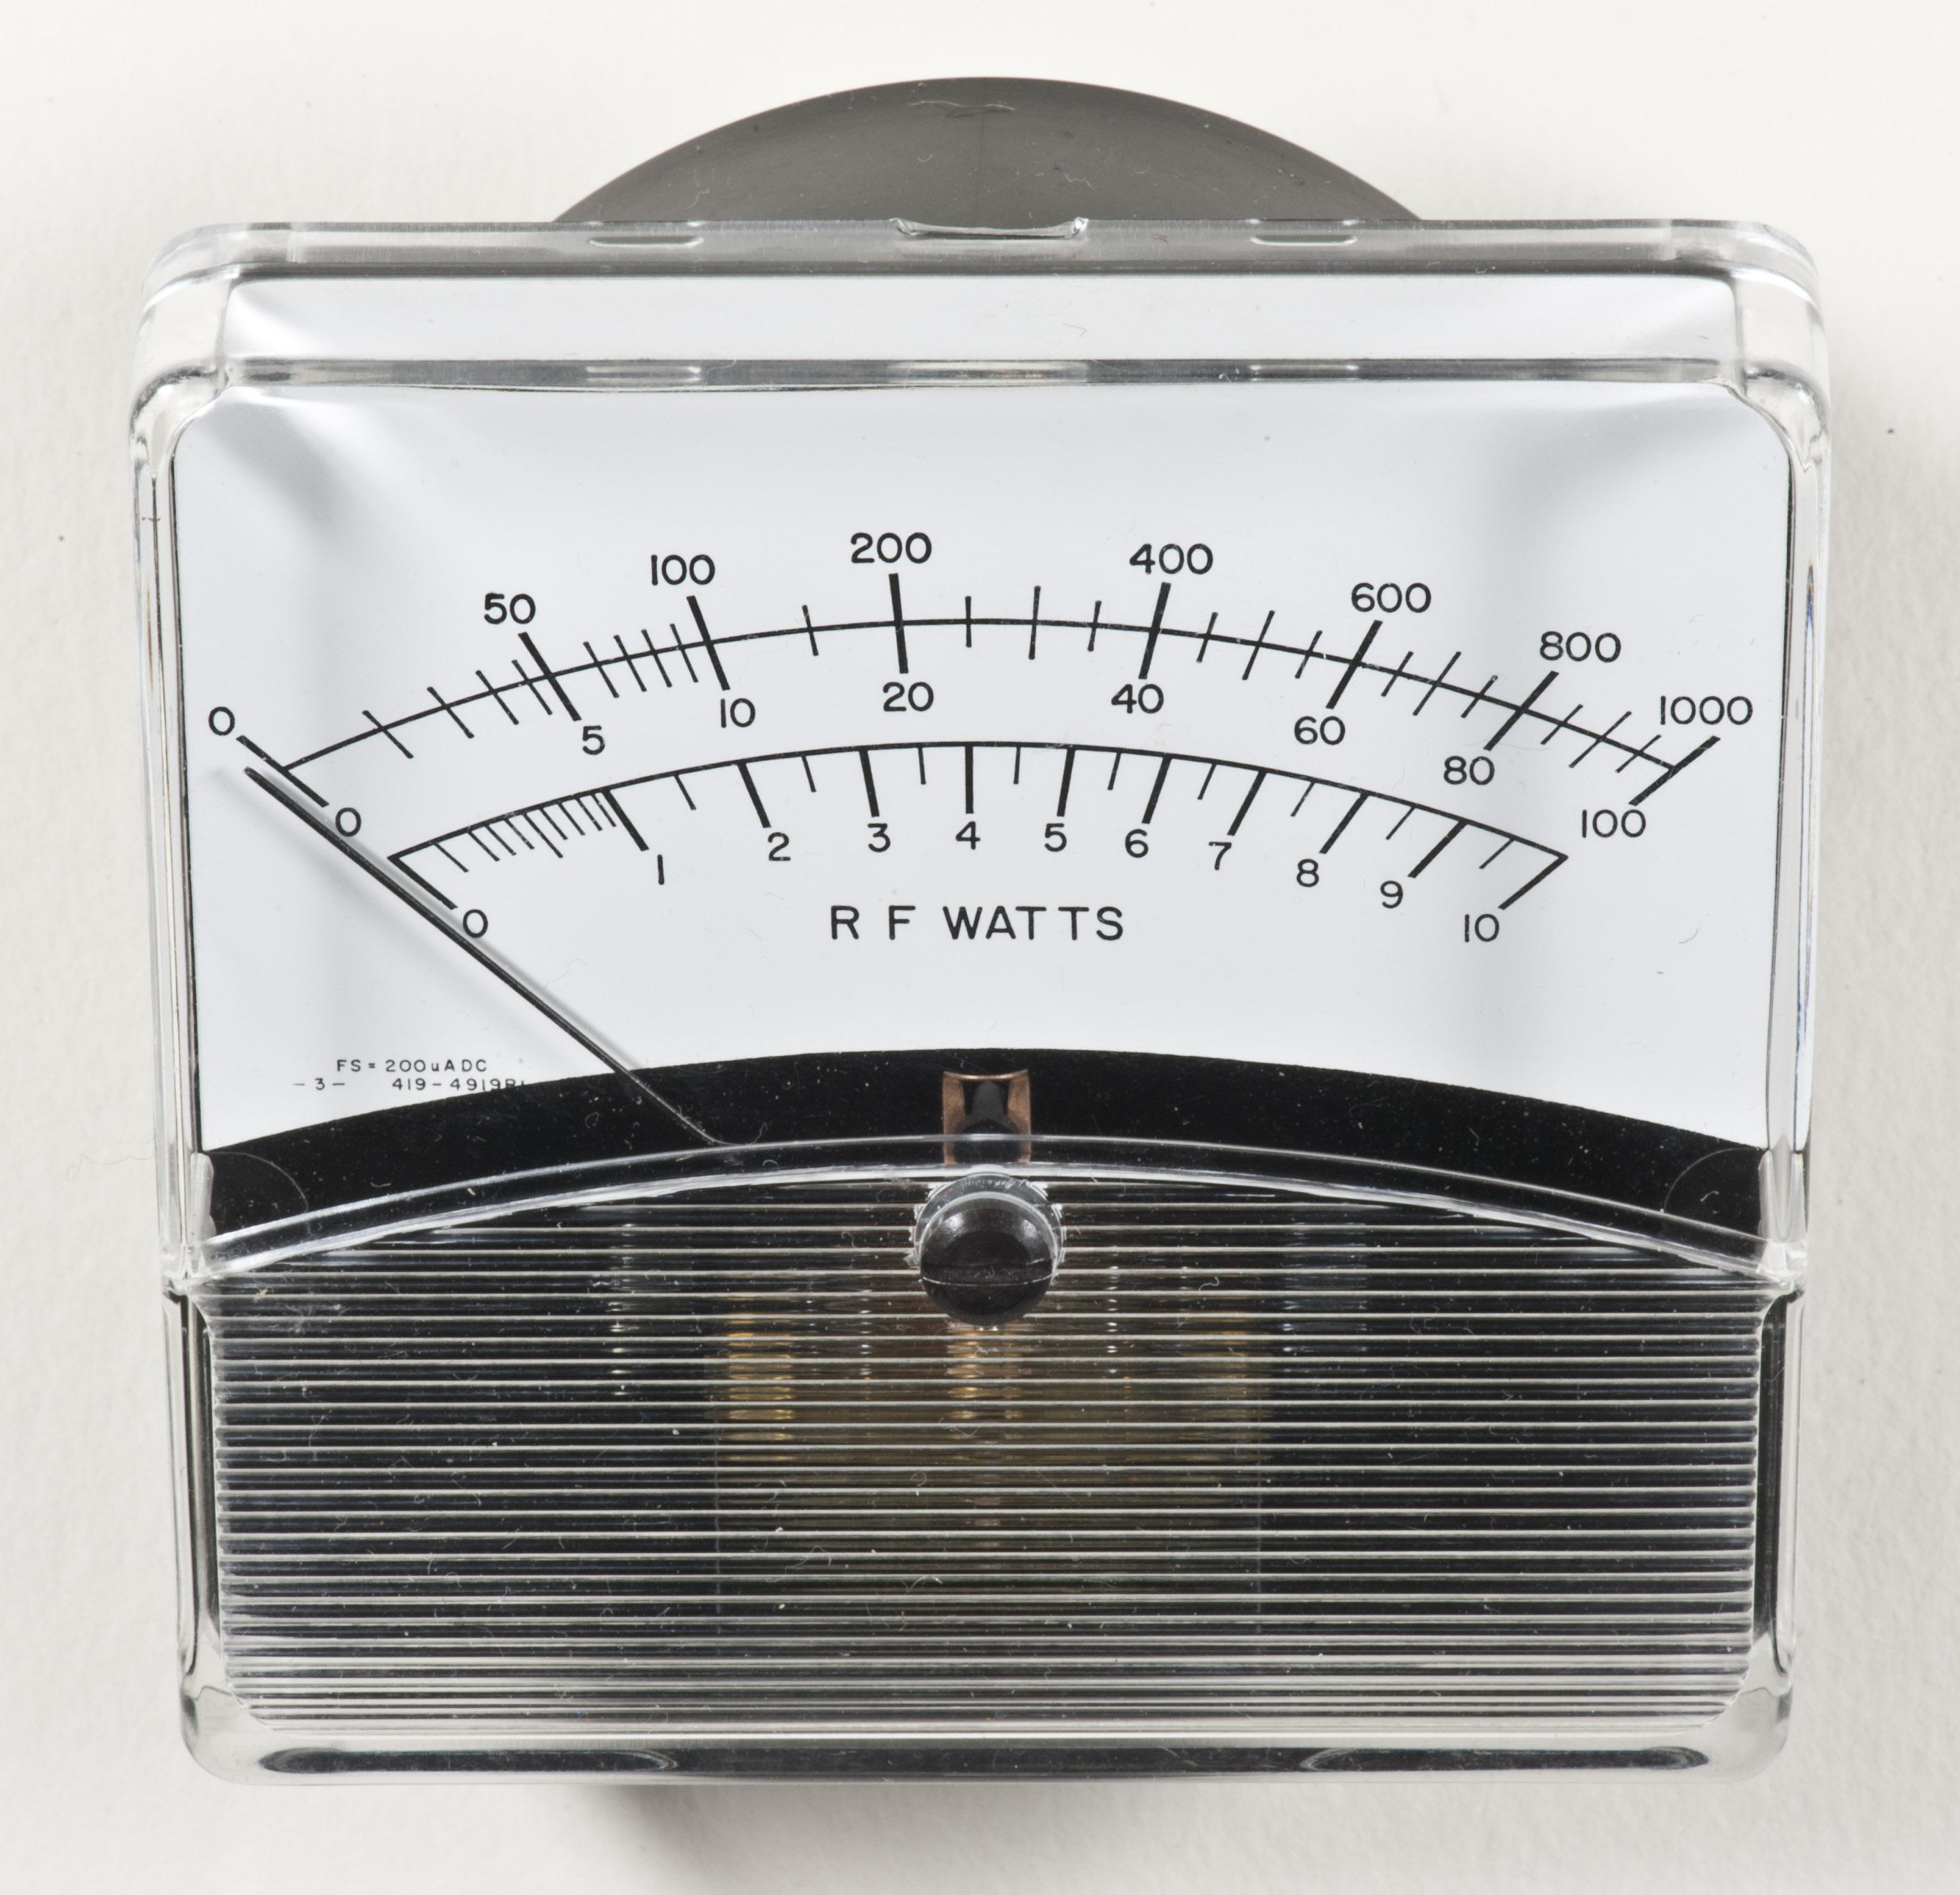 File:Watt-meter Hg.jpg